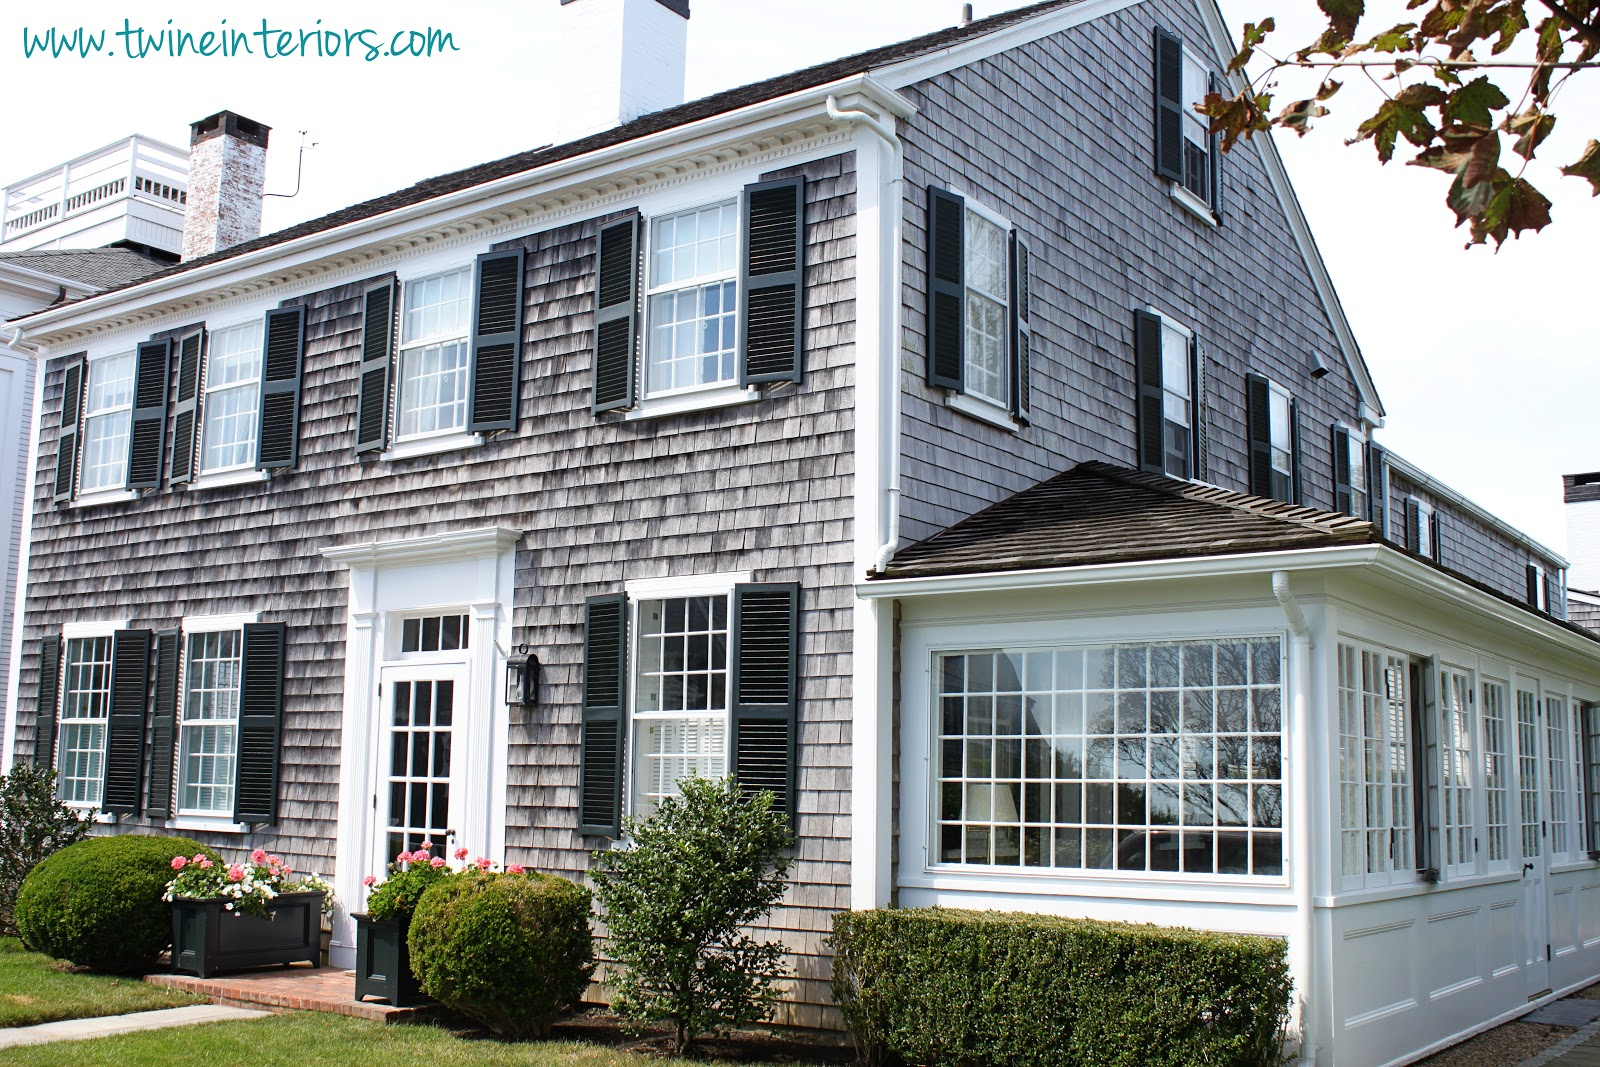 twine the cottages of martha 39 s vineyard. Black Bedroom Furniture Sets. Home Design Ideas